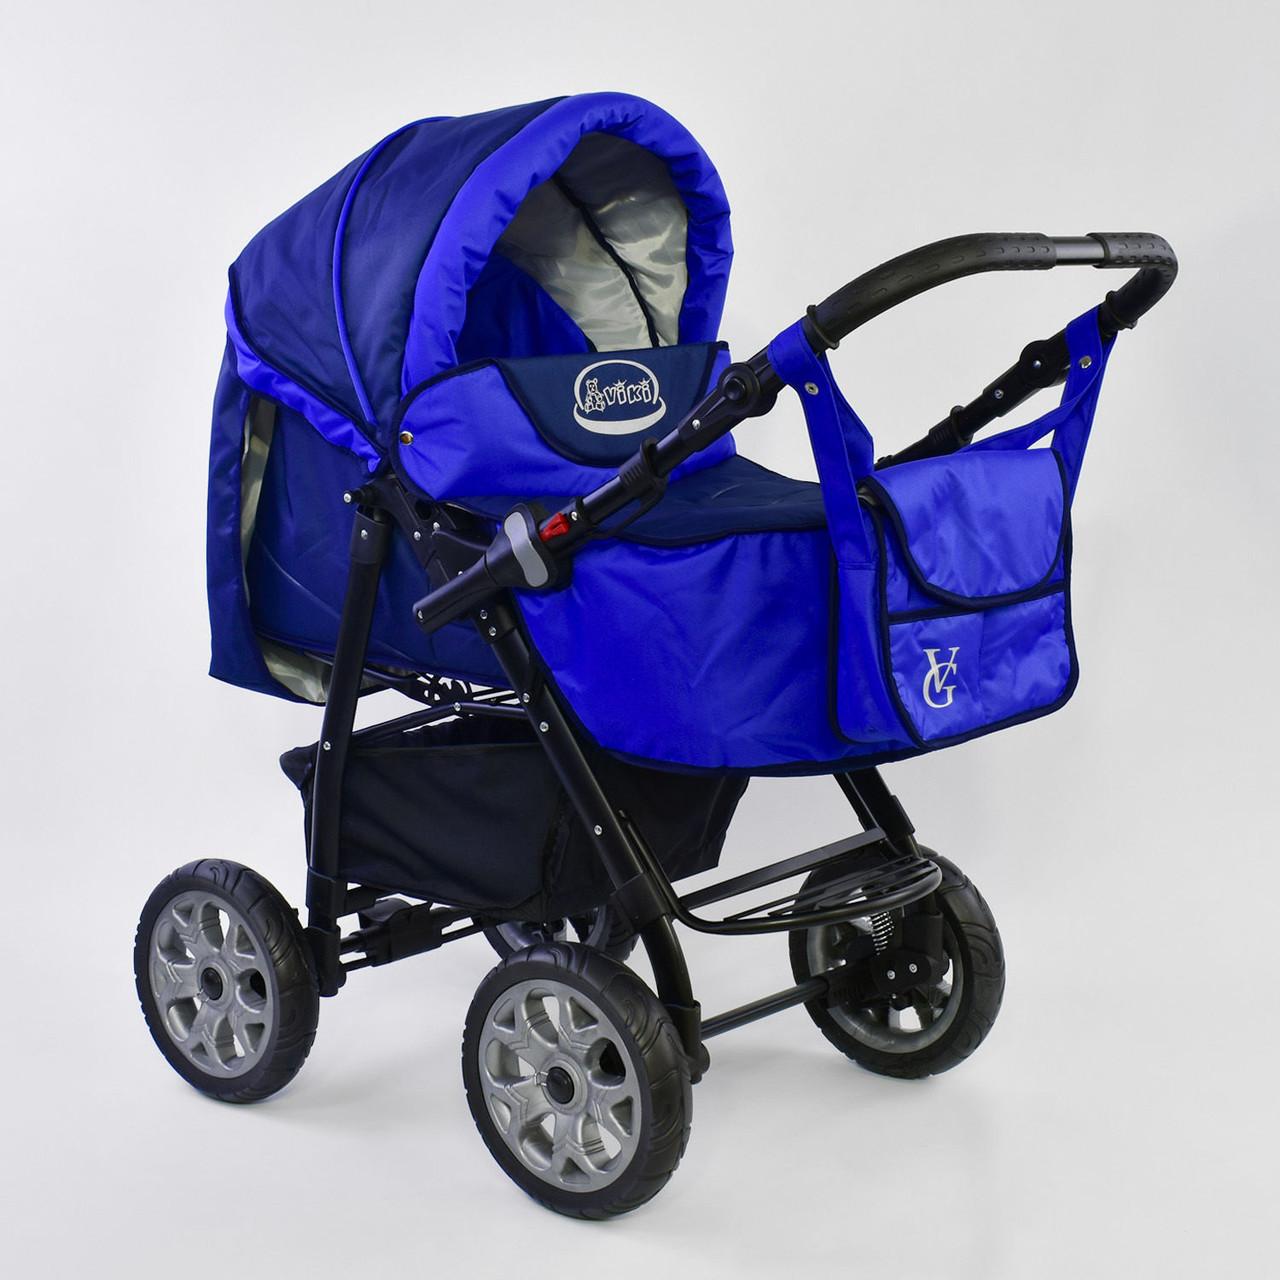 Детская коляска-трансформер Viki 86 - С 05 Синий электрик Гарантия качества Быстрая доставка